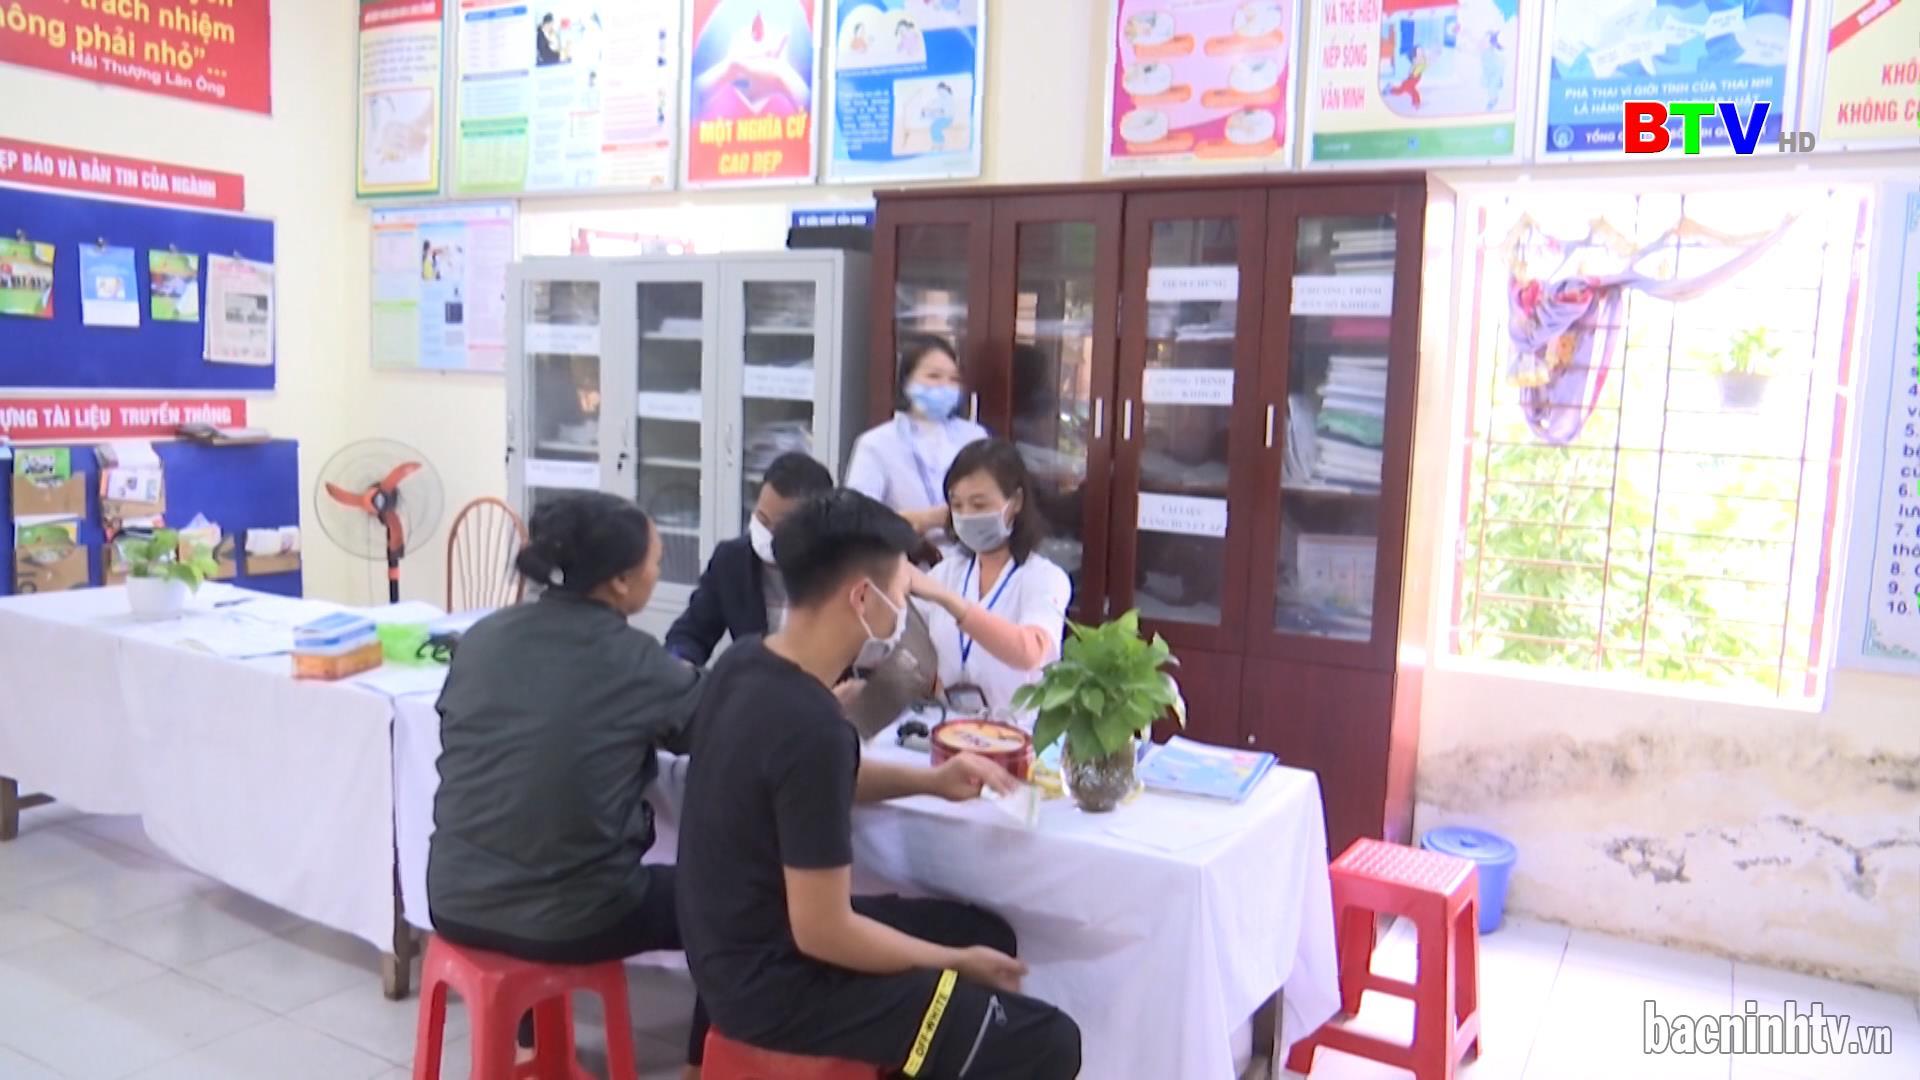 Triển khai Trạm Y tế lưu động và Tổ Chăm sóc người nhiễm Covid-19